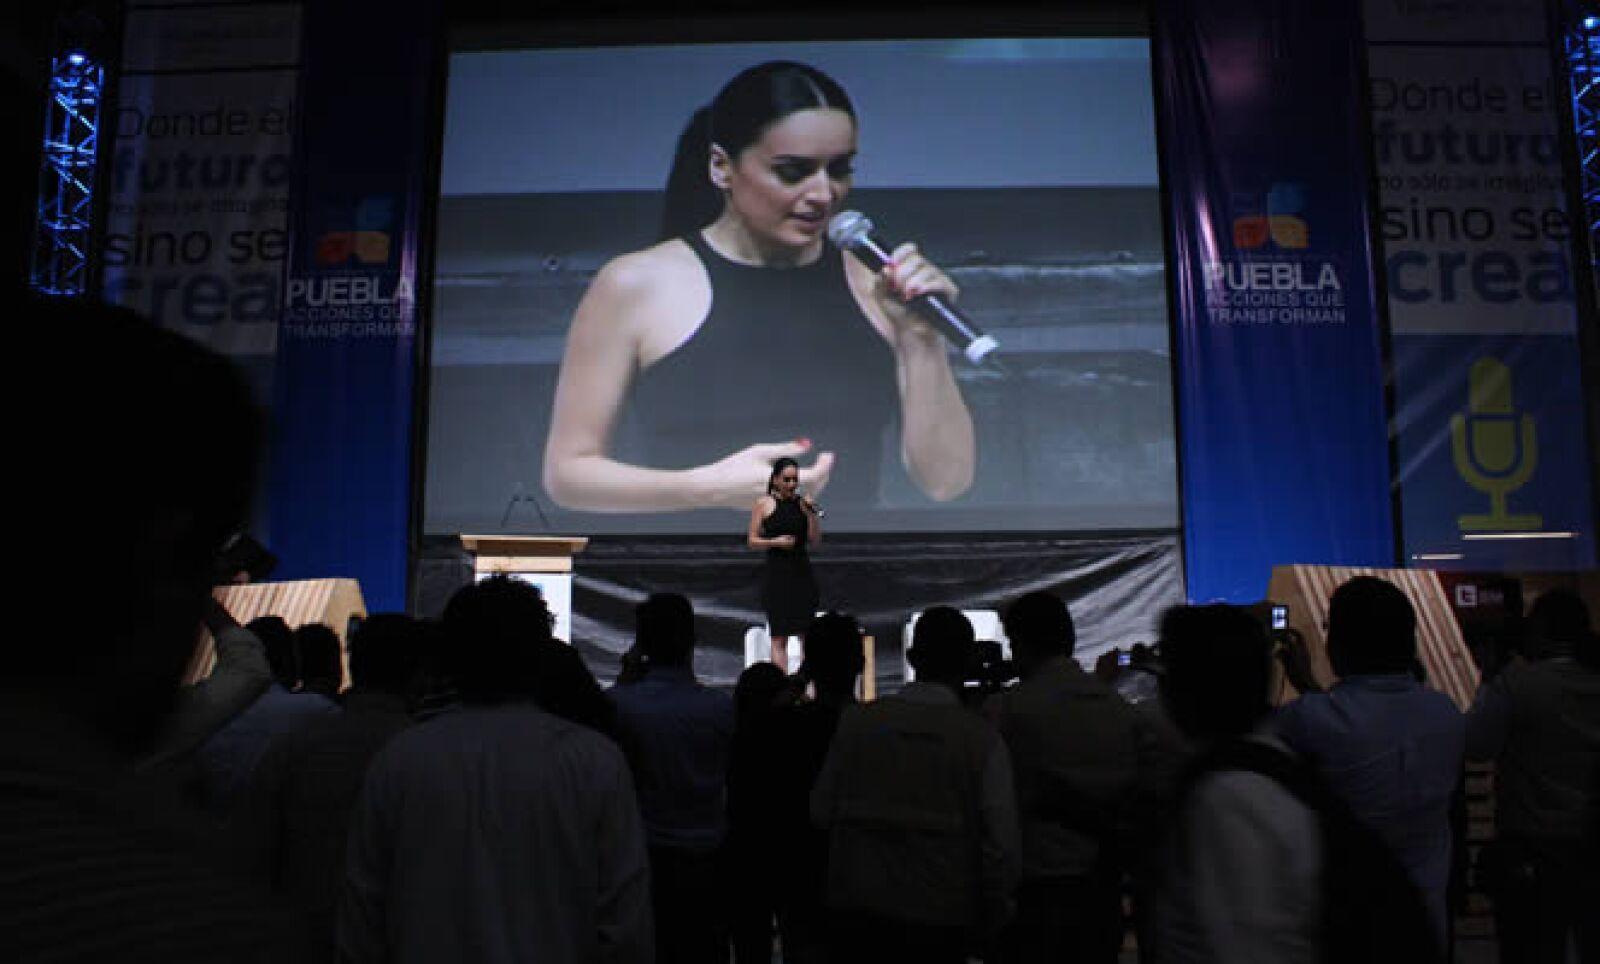 La actriz Ana de la Reguera compartió con los poblanos su amor por los 'gadgets' y la forma que utiliza la red social Twitter para organizaciones no lucrativas.